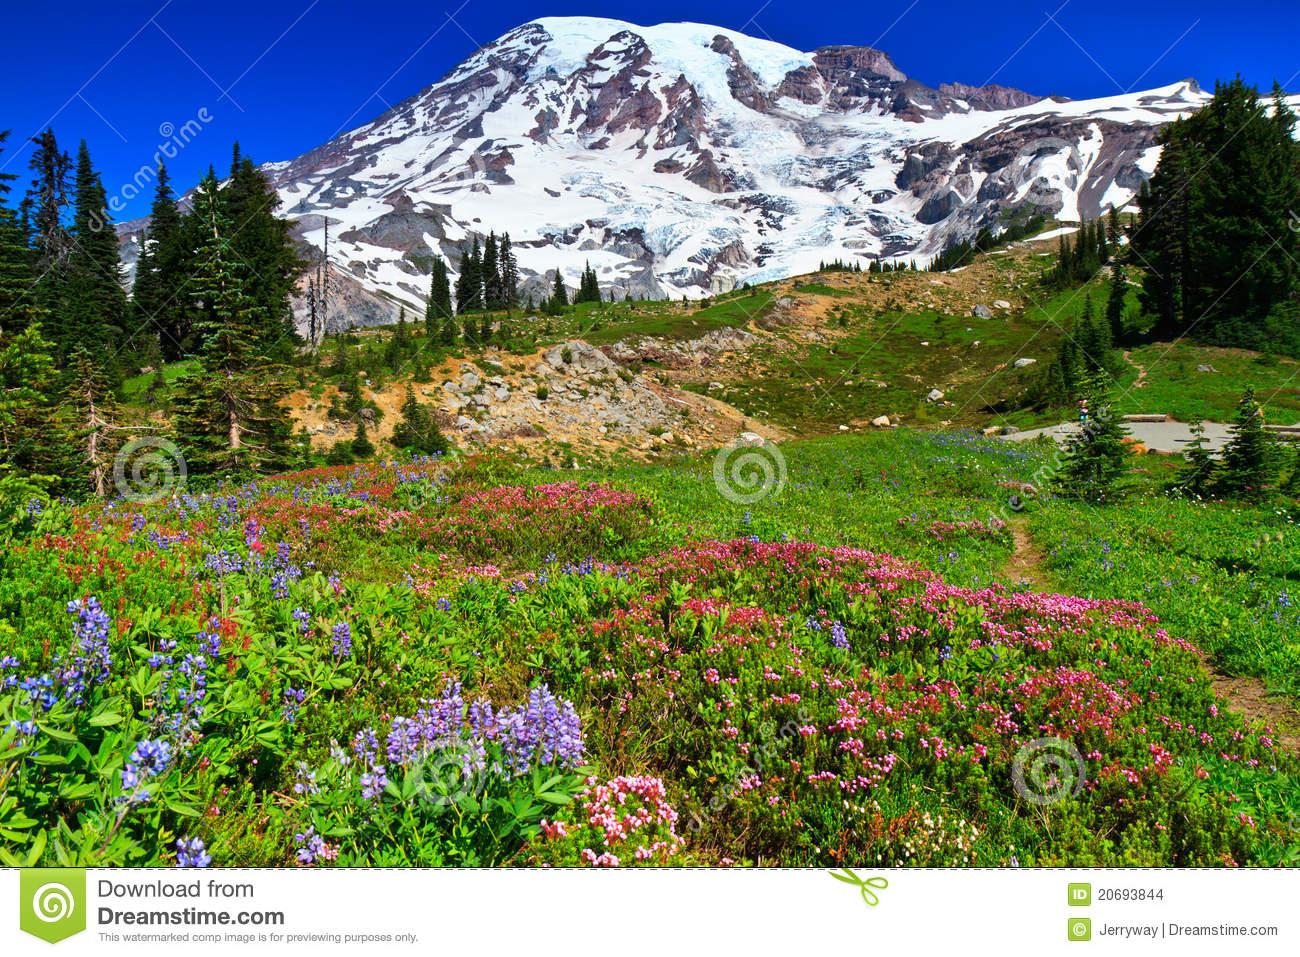 http://www.dreamstime.com/stock-images-summer-landscape-paradise-vista-mount-rainier-image20693844